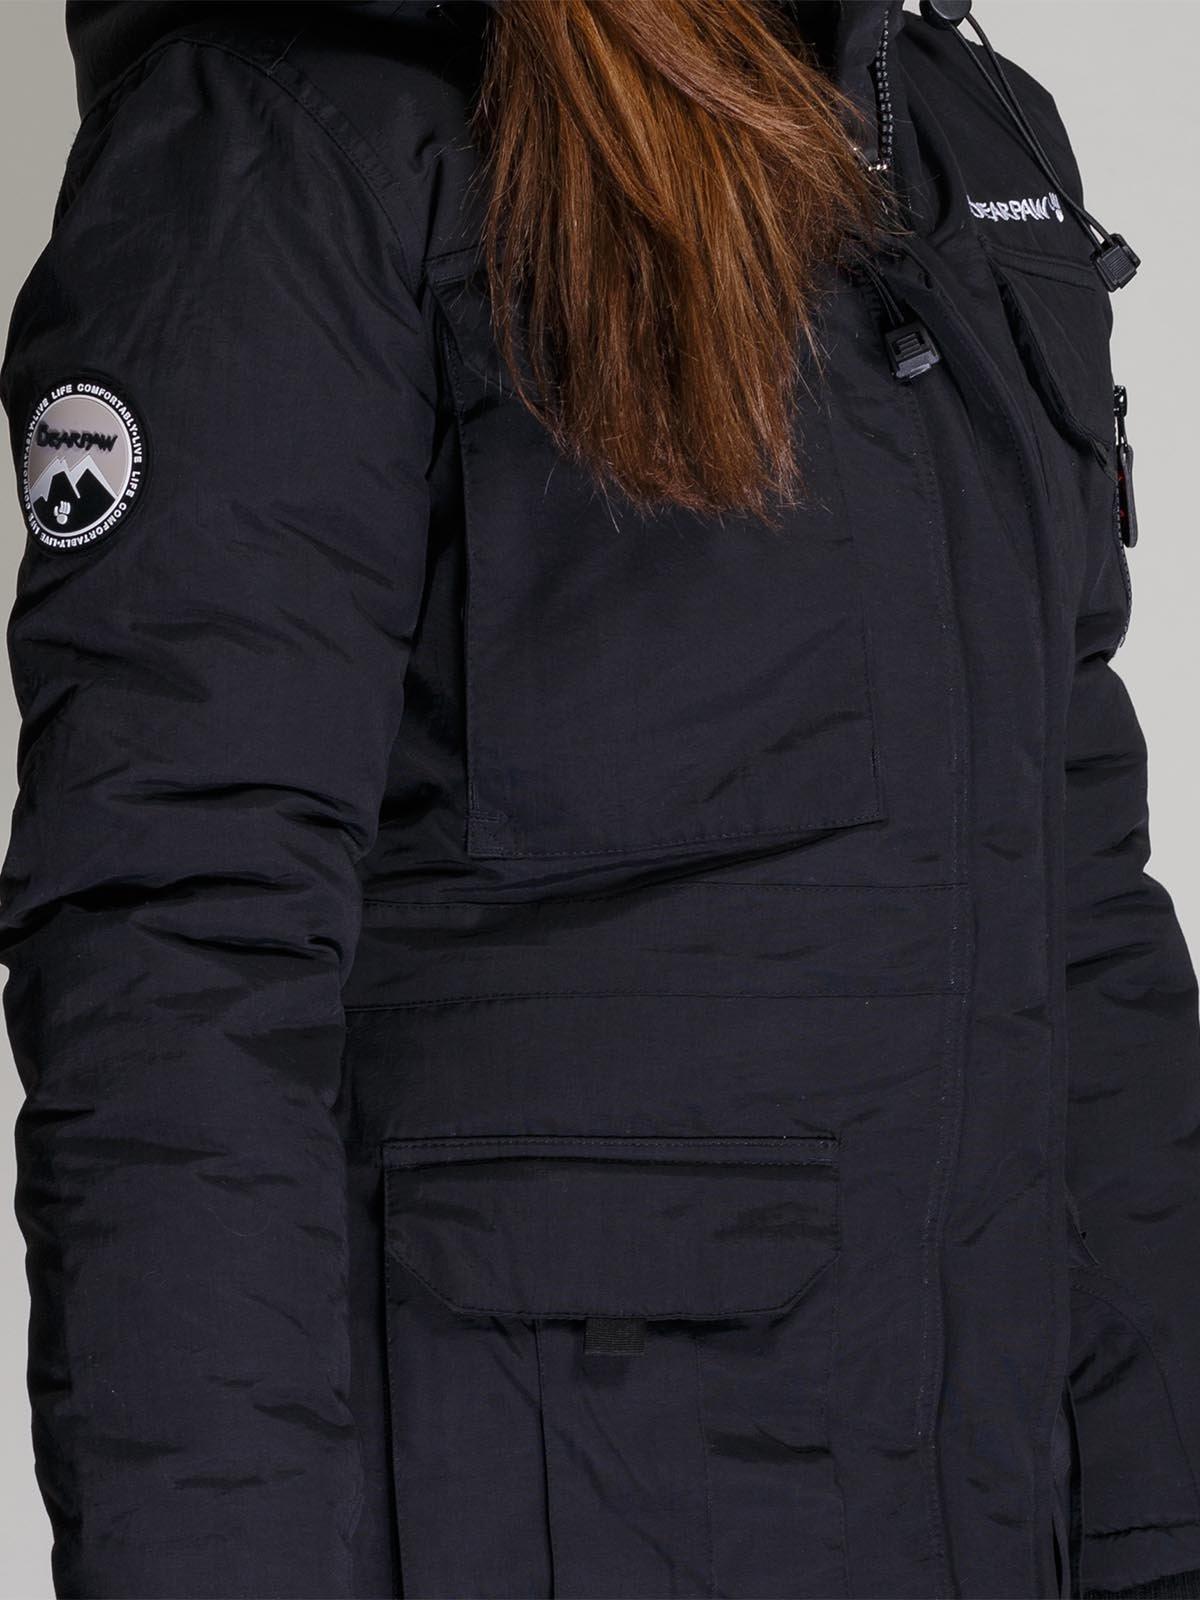 Куртка черная   3964073   фото 3